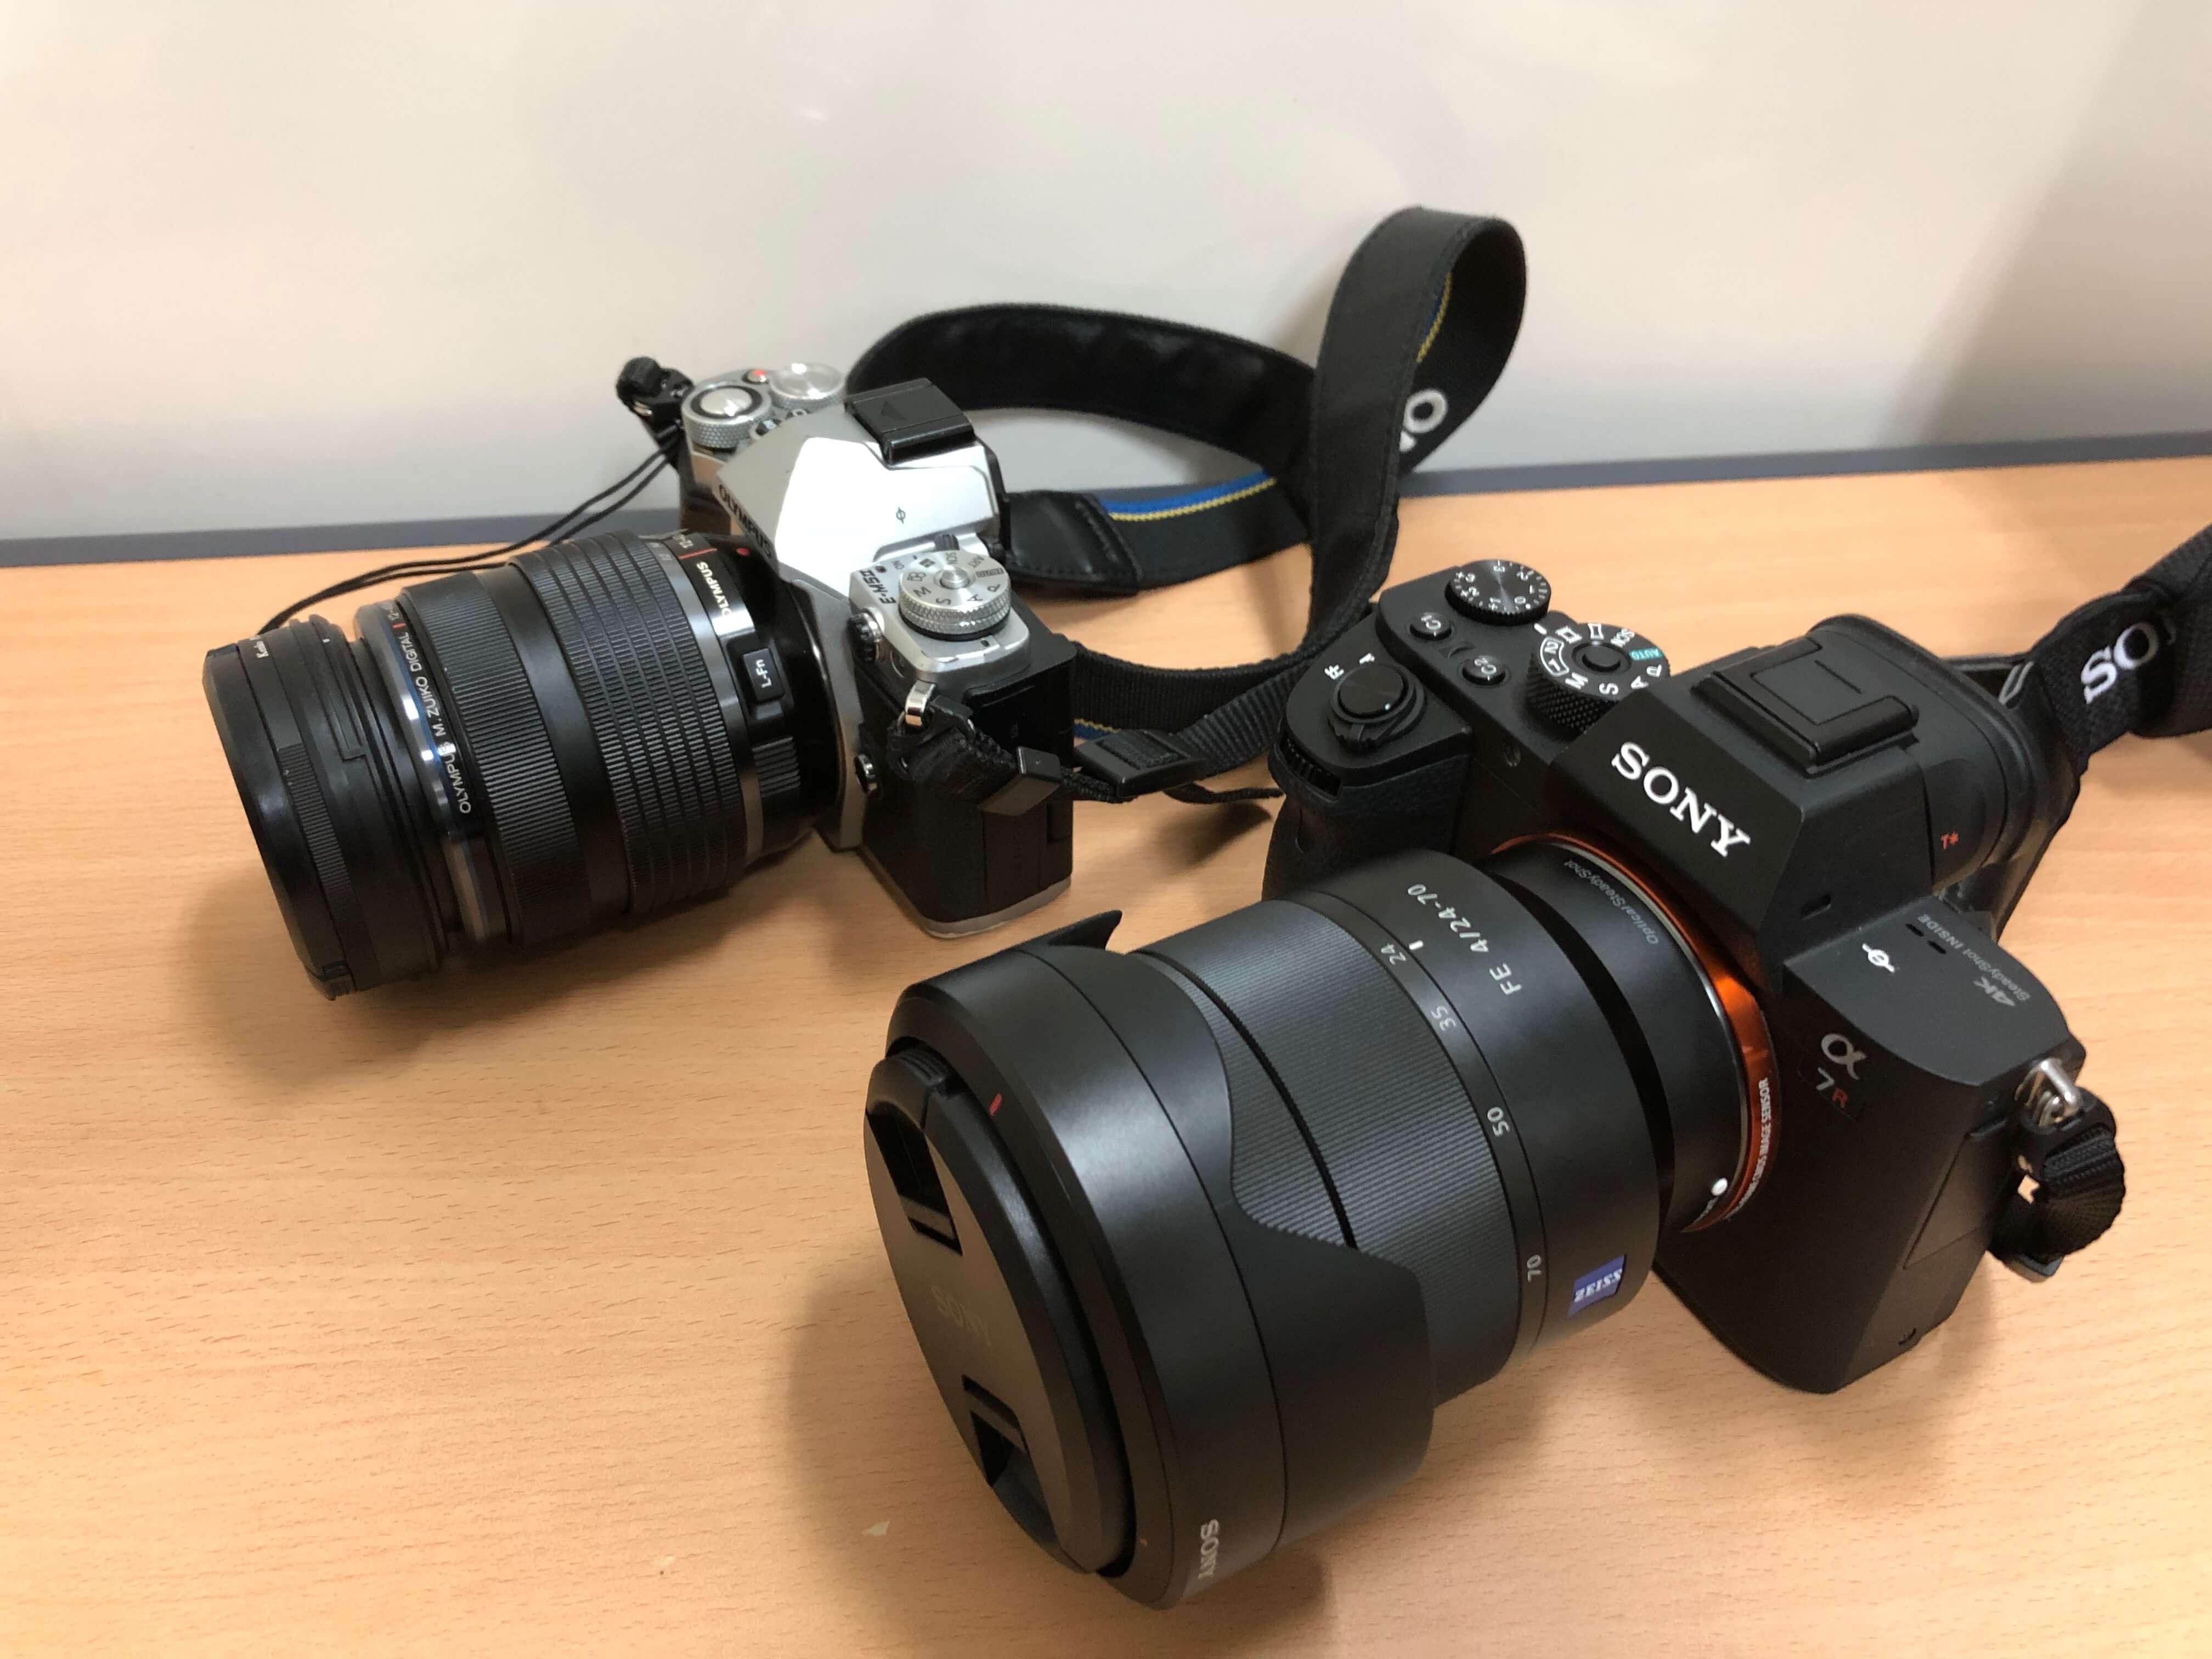 旅行にはフルサイズorマイクロフォーサーズ?どっちのミラーレスカメラがおすすめ??